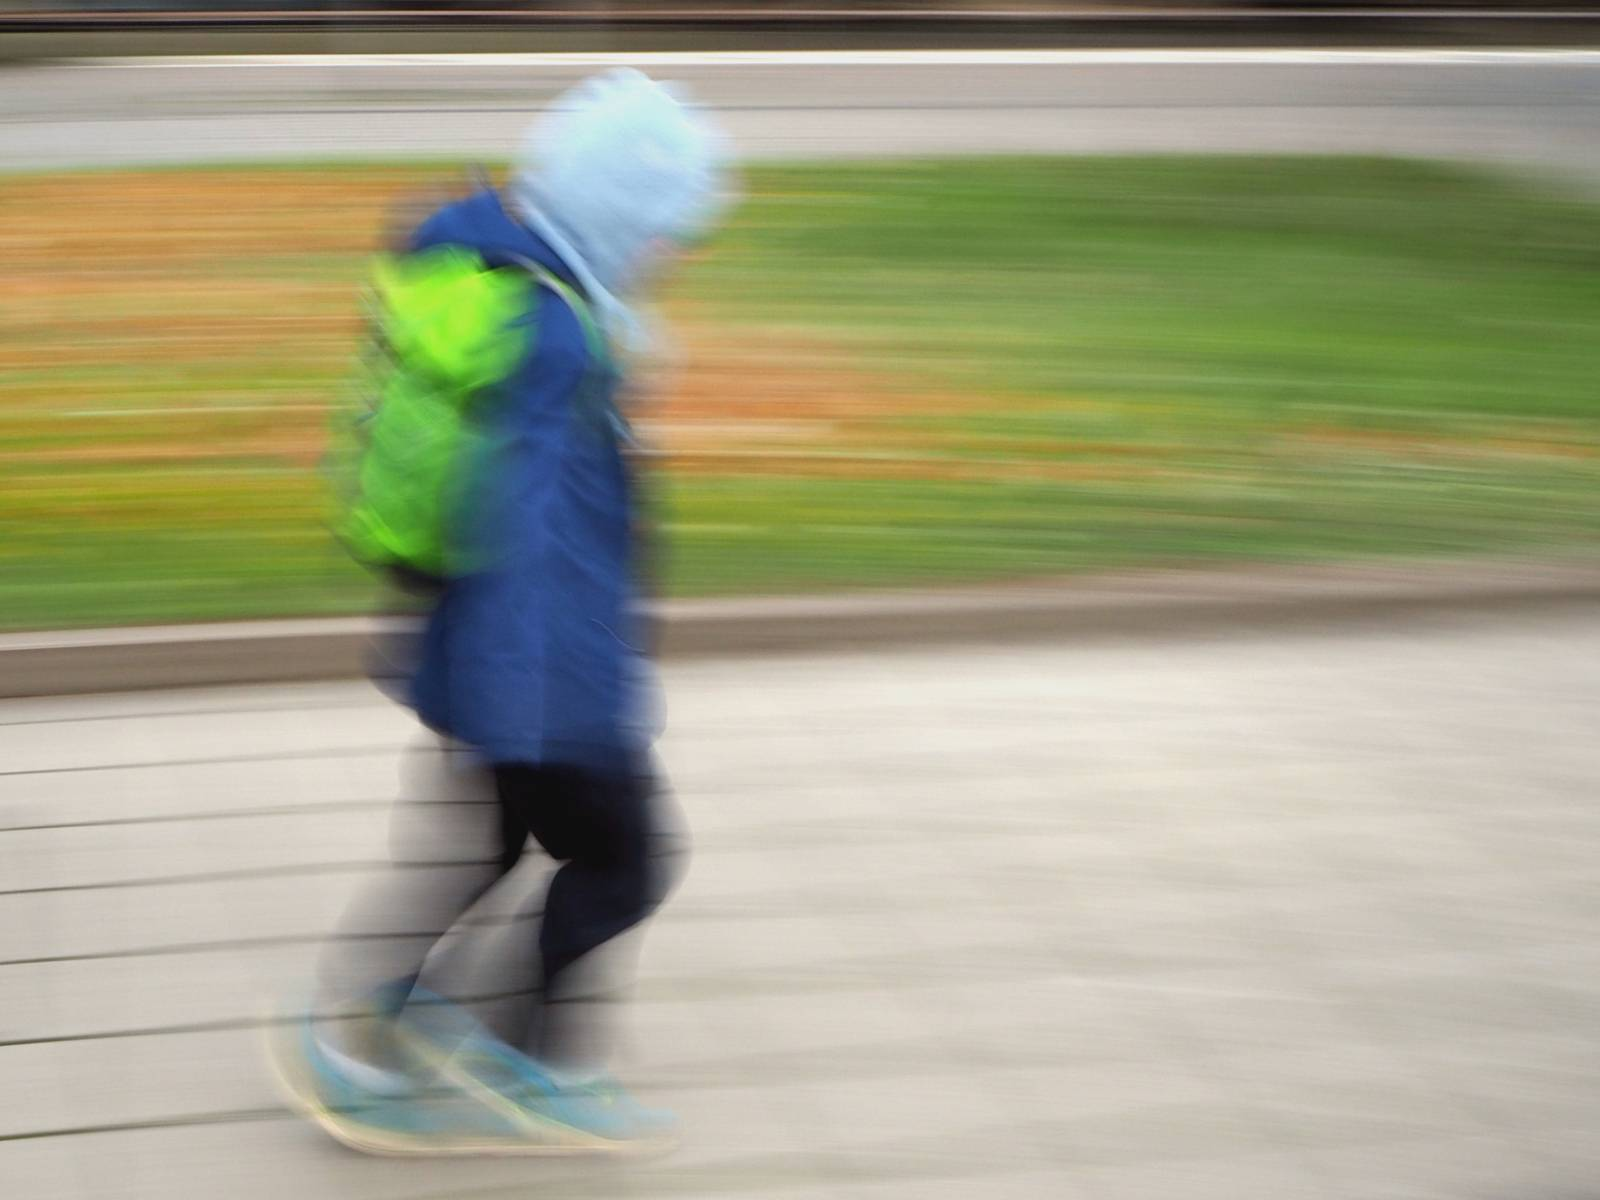 Ein Kind läuft schnell über einen gepflasterten Weg.